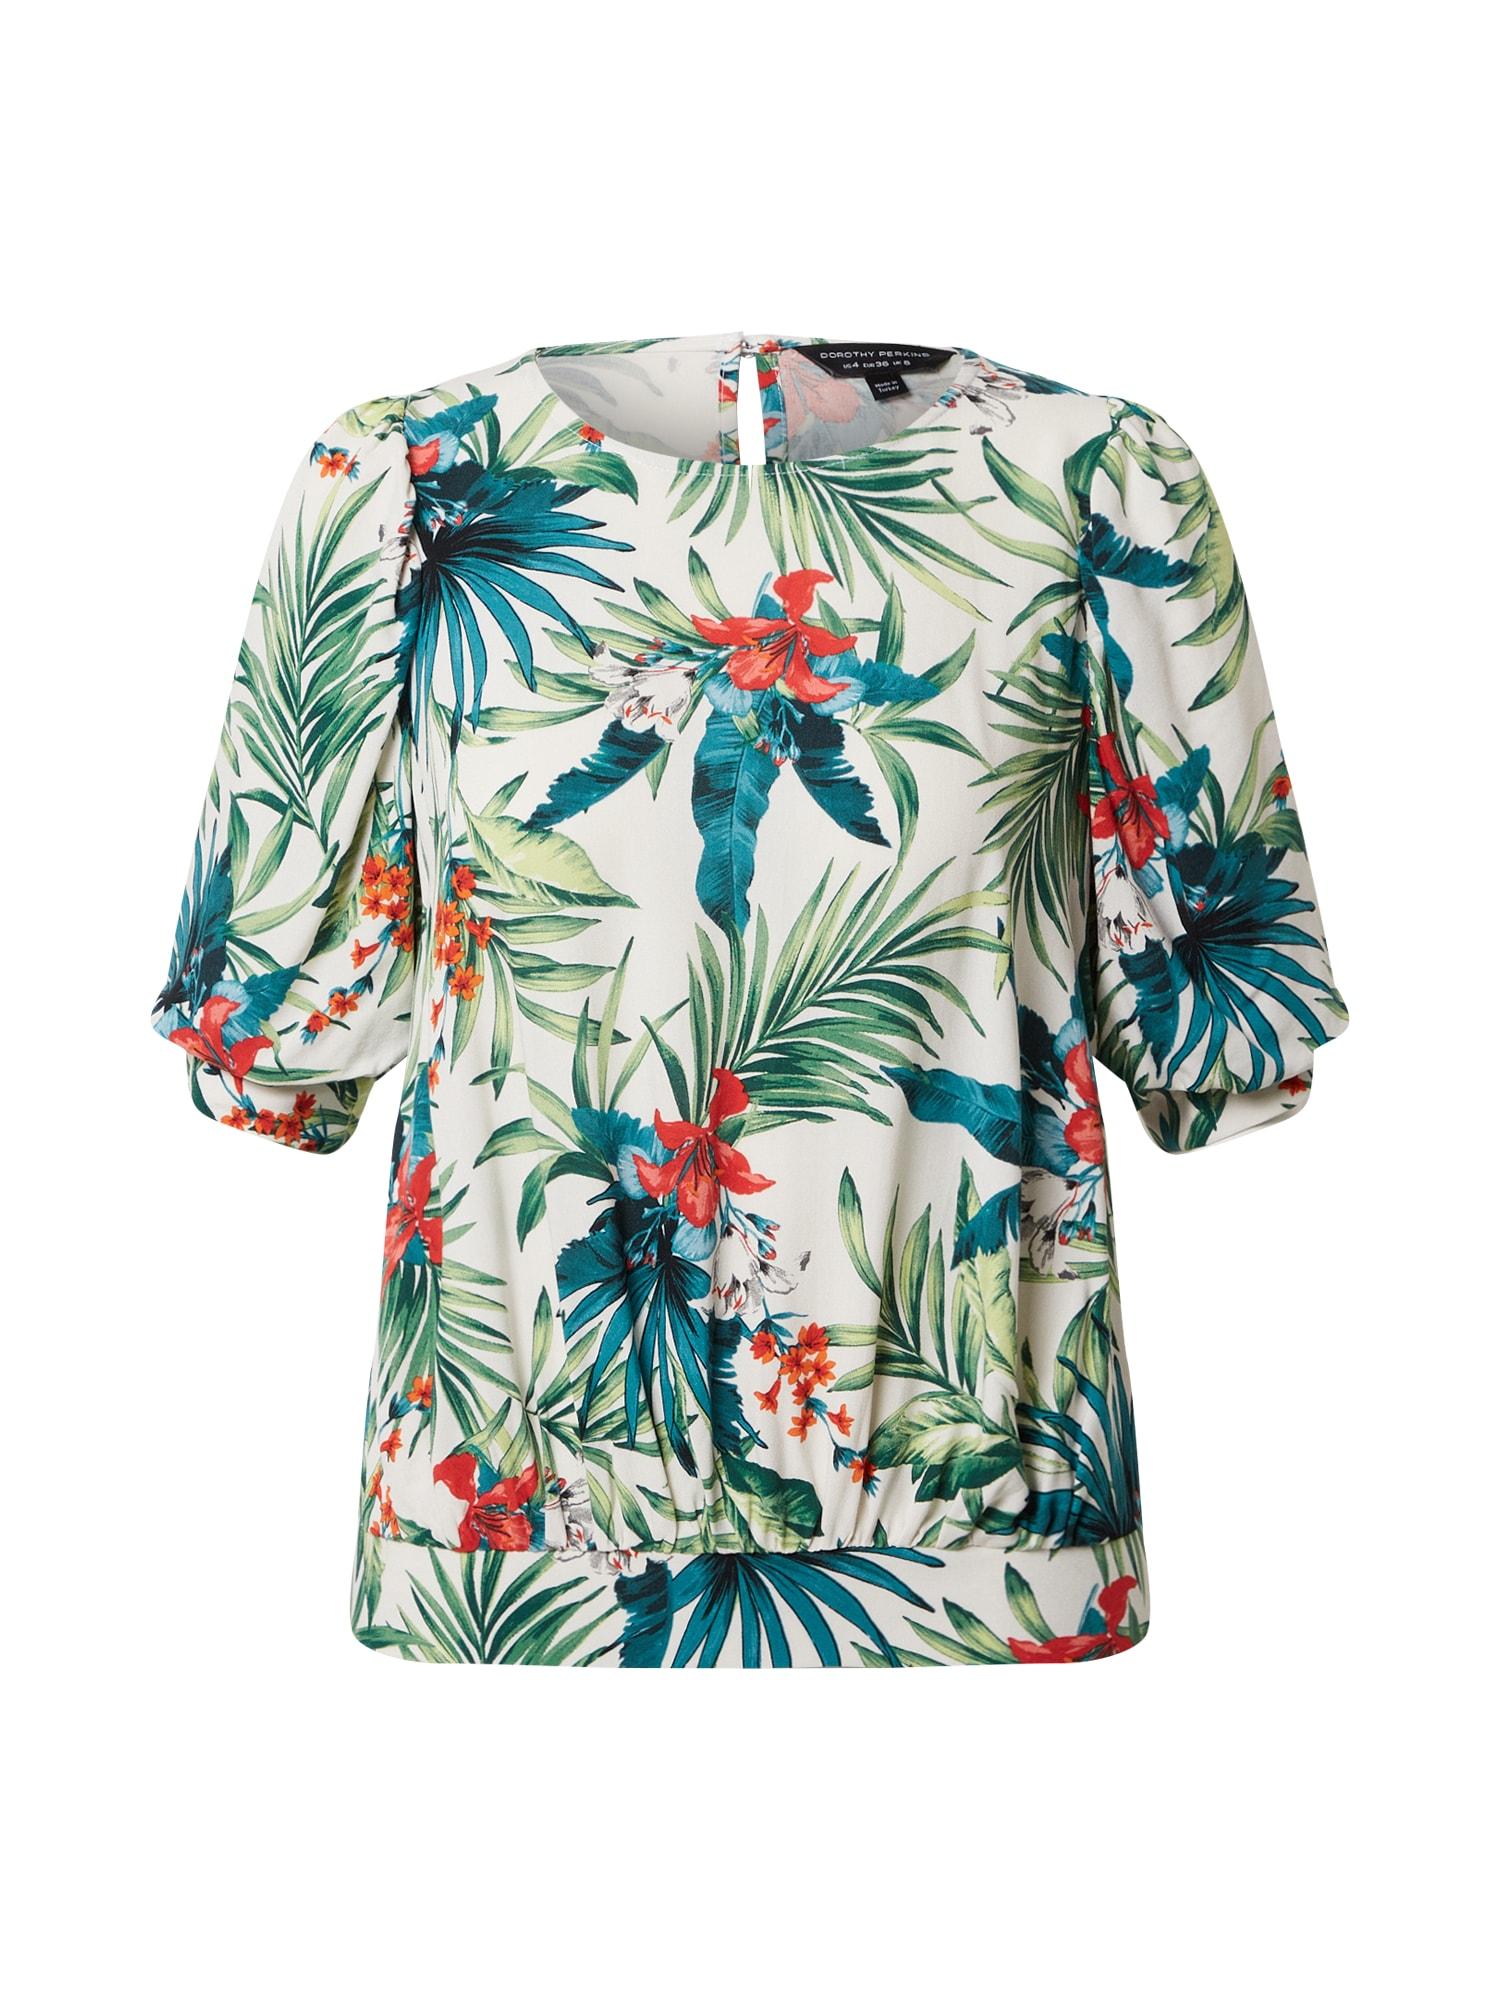 Dorothy Perkins Тениска слонова кост / петрол / зелено / карминено червено